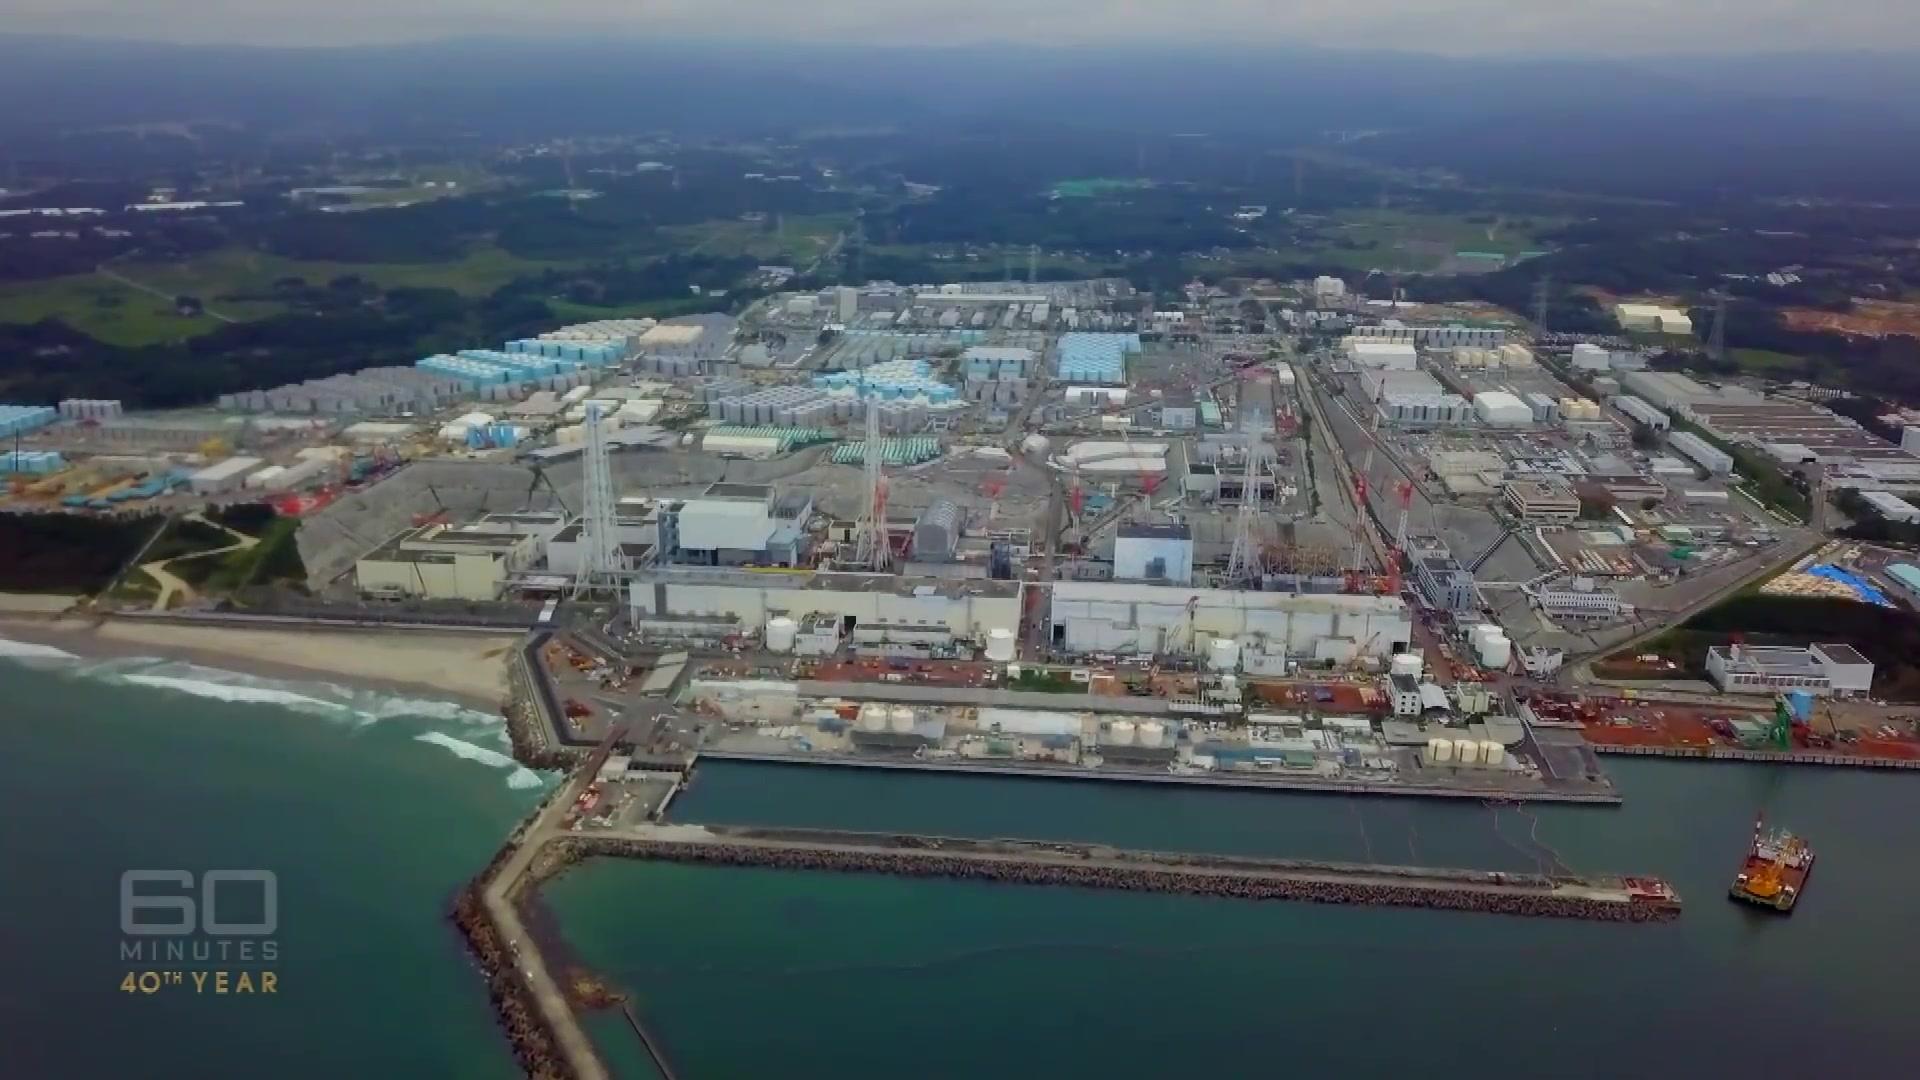 福岛核电站内部画面——澳大利亚60分钟新闻